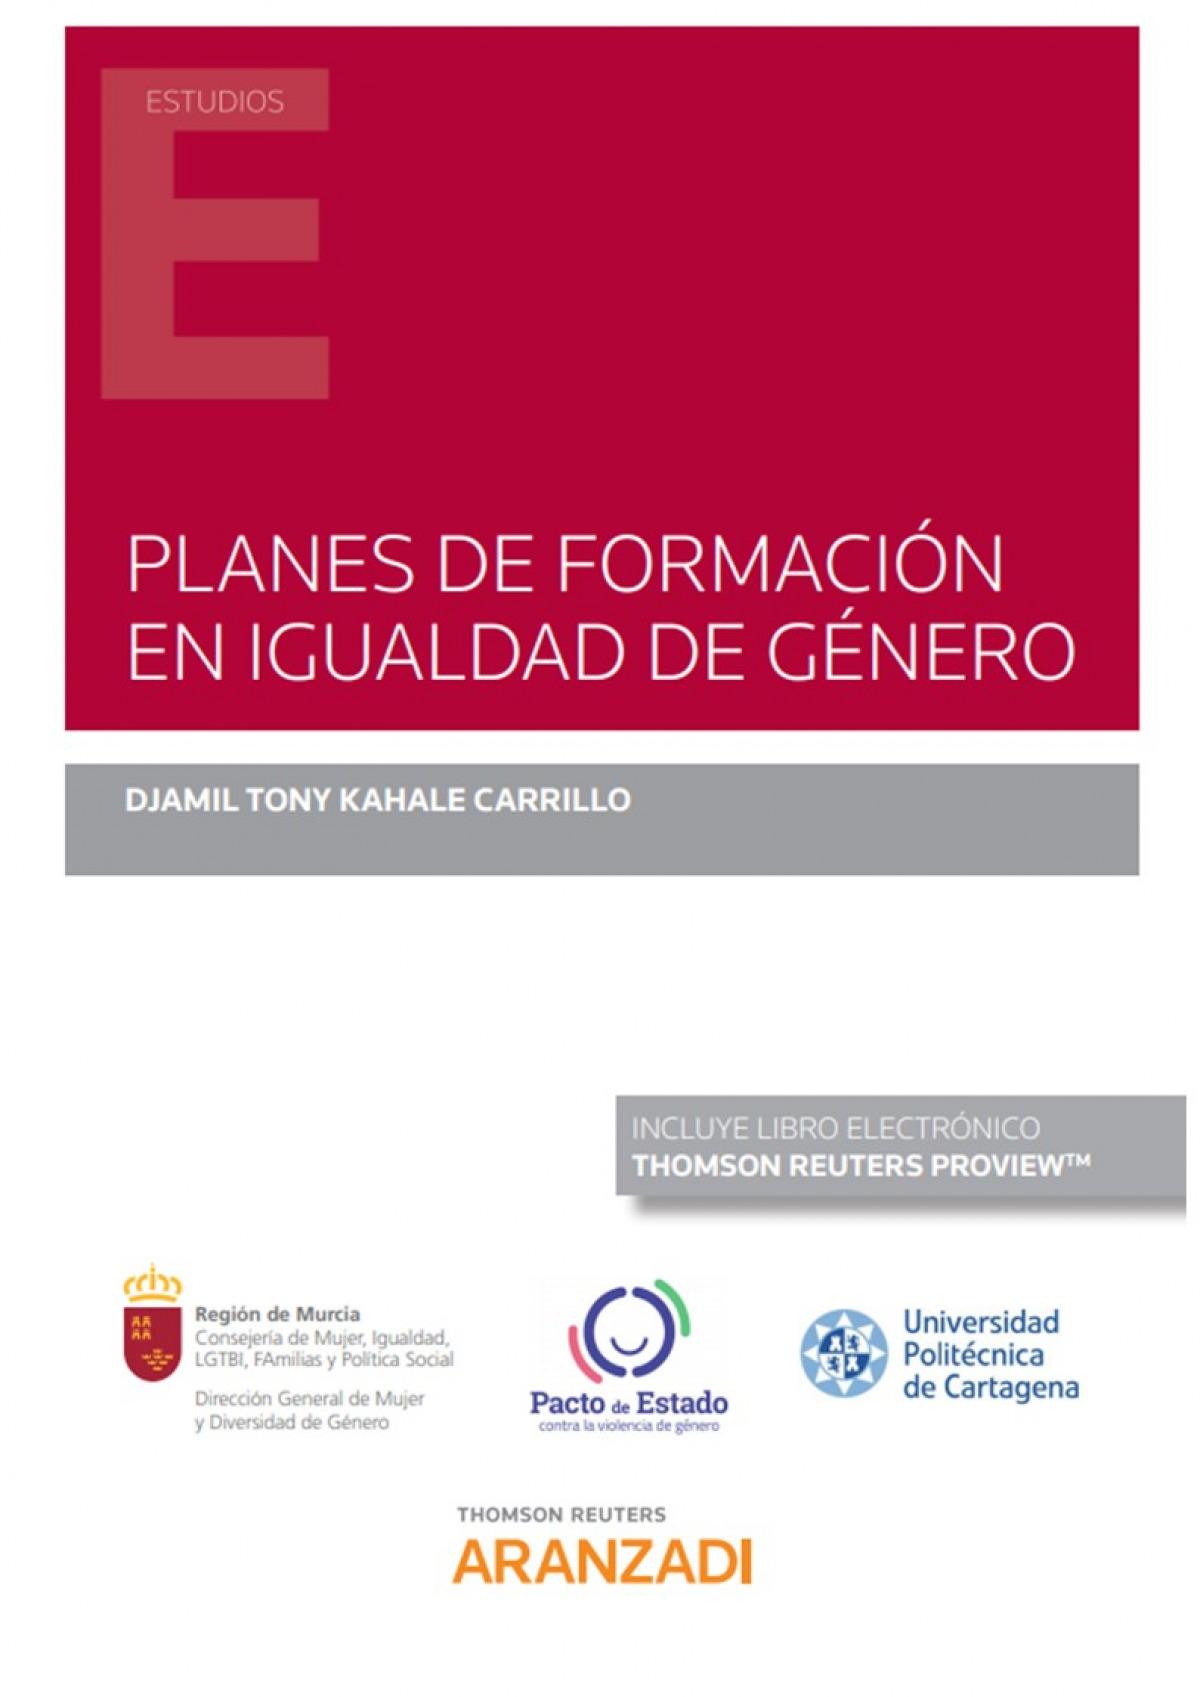 PLANES DE FORMACION EN IGUALDAD DE GENERO DUO